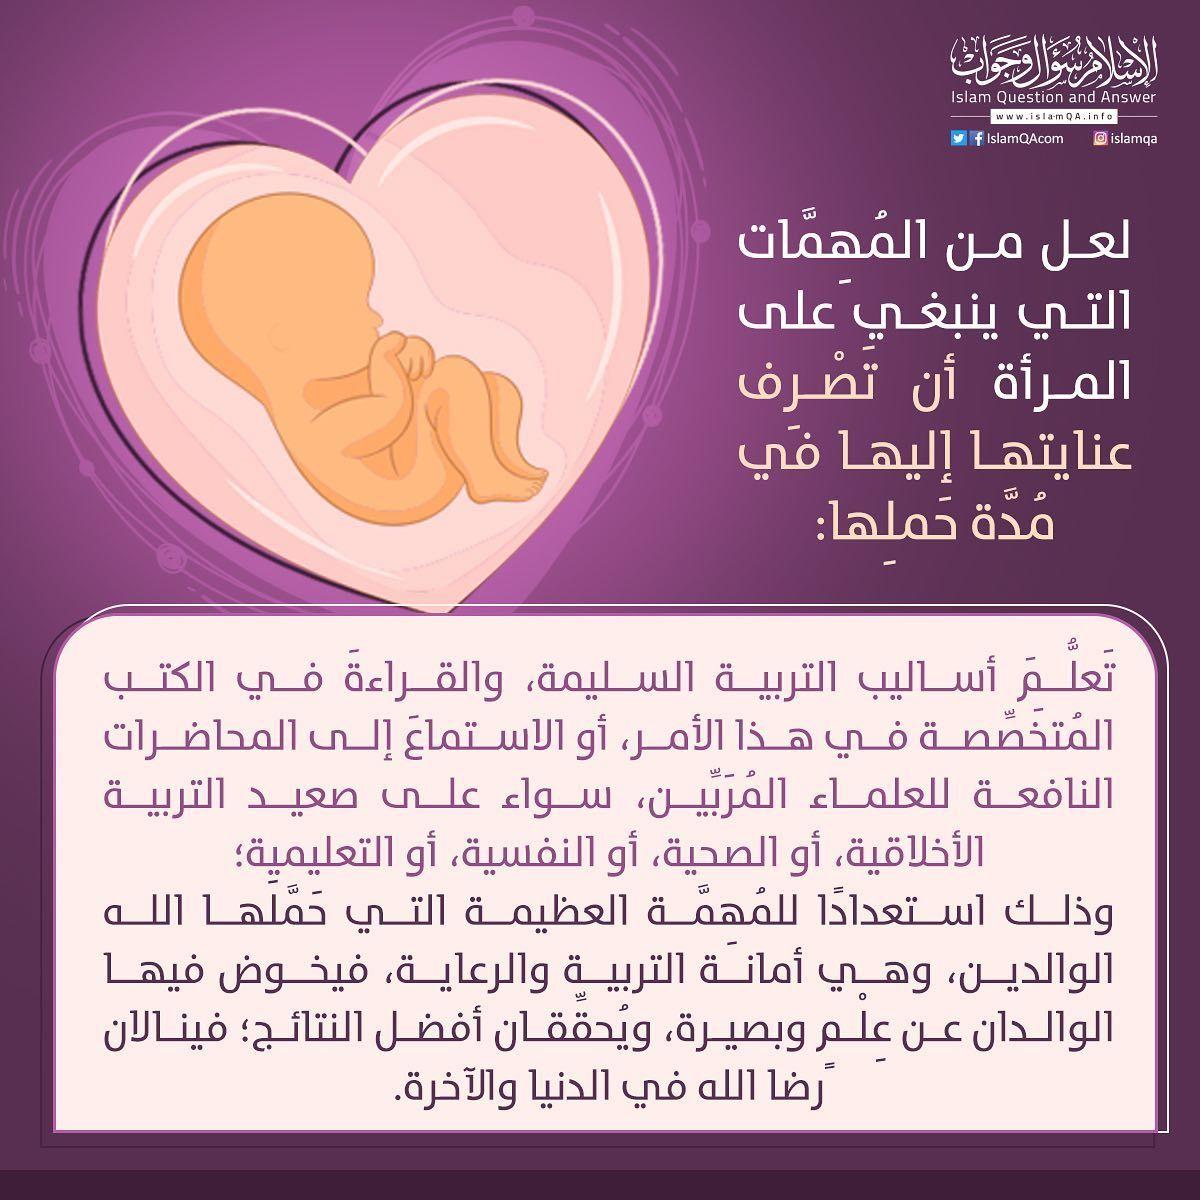 نصيحة في المهمات التي ينبغي على المرأة أن تصرف عنايتها إليها في مدة الحمل Bit Ly 35ipyld شاهد النصيحة على موق This Or That Questions Islam Question And Answer